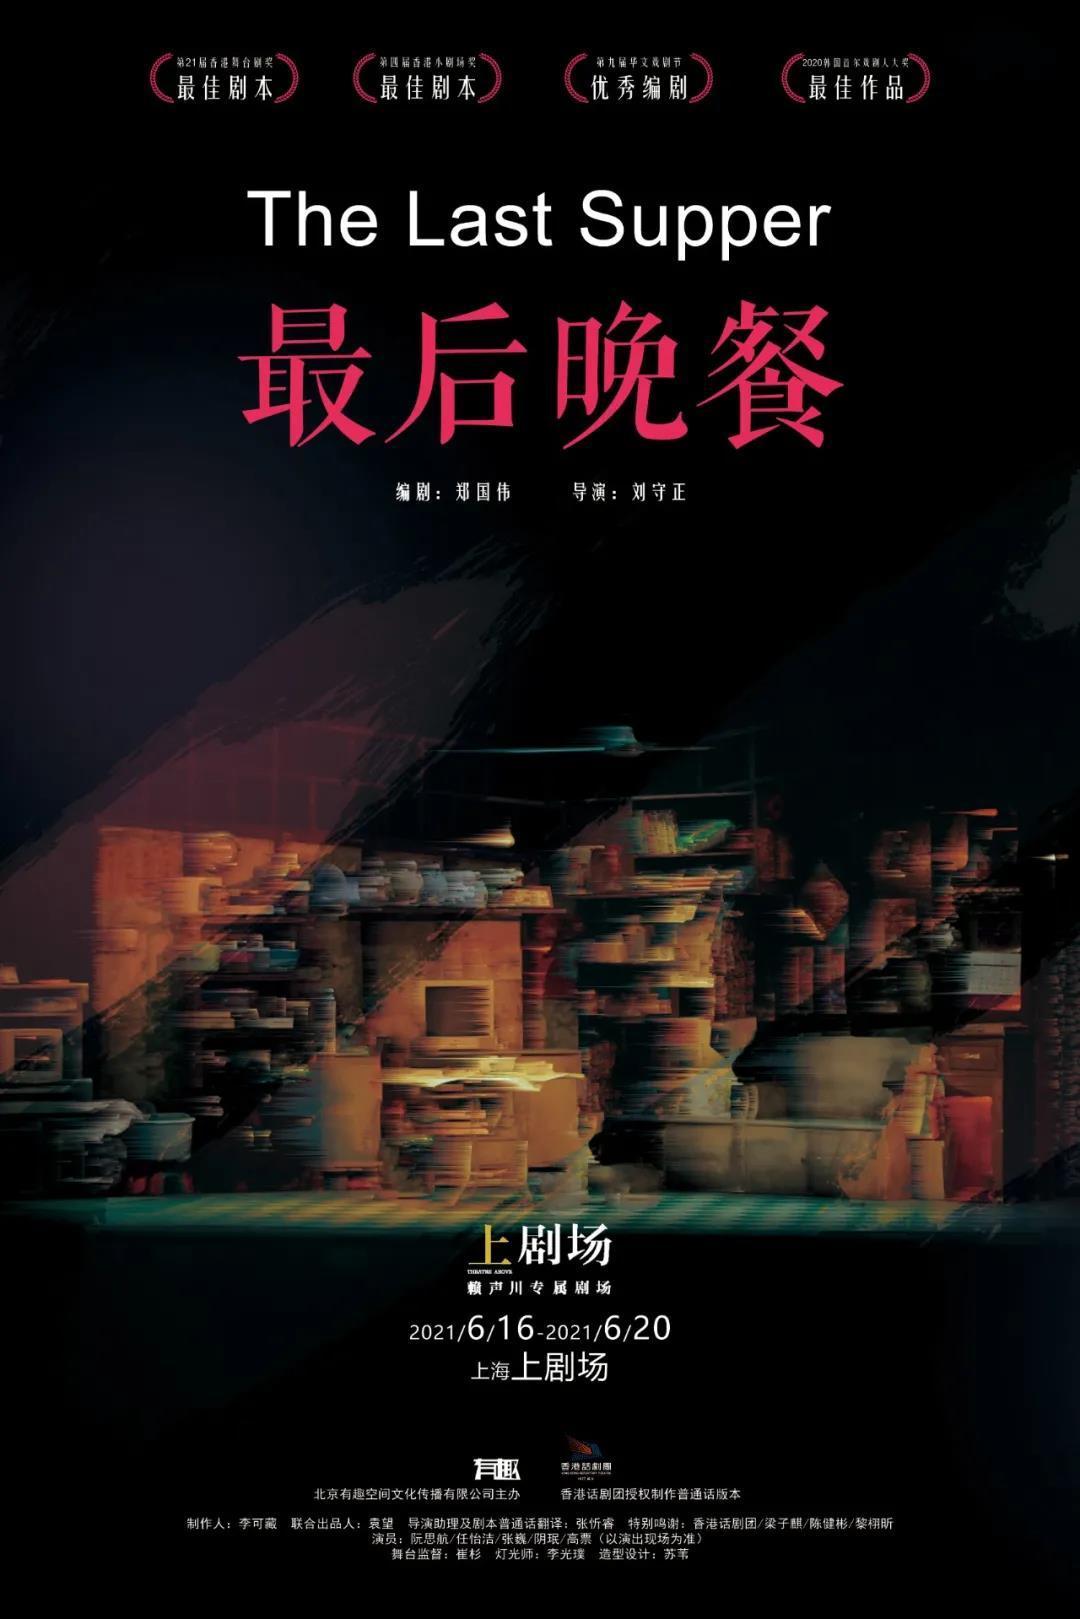 「阮思航/张巍」话剧《最后晚餐》